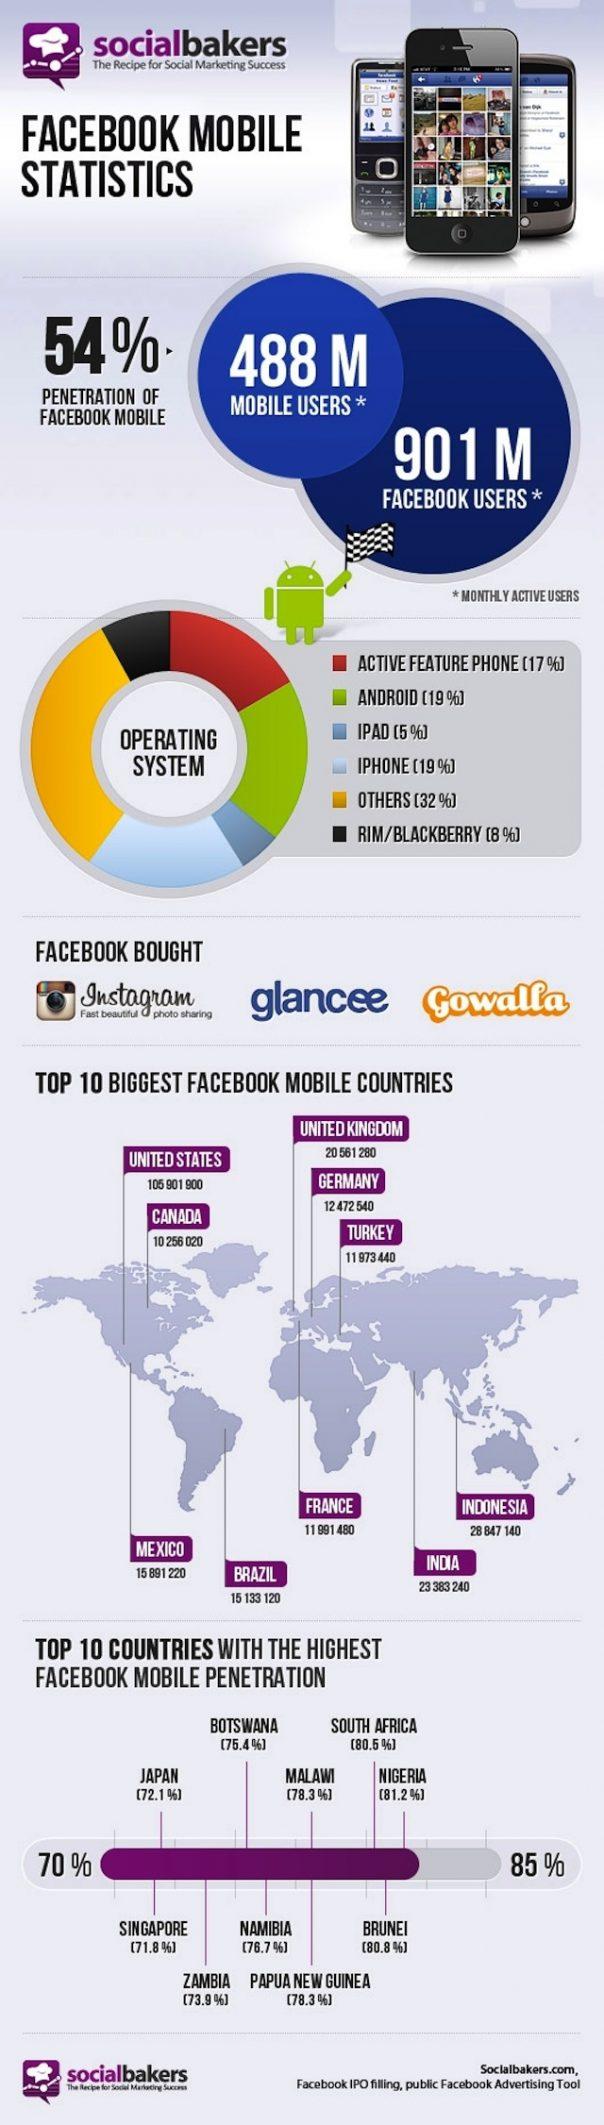 Statistiques Facebook mobile